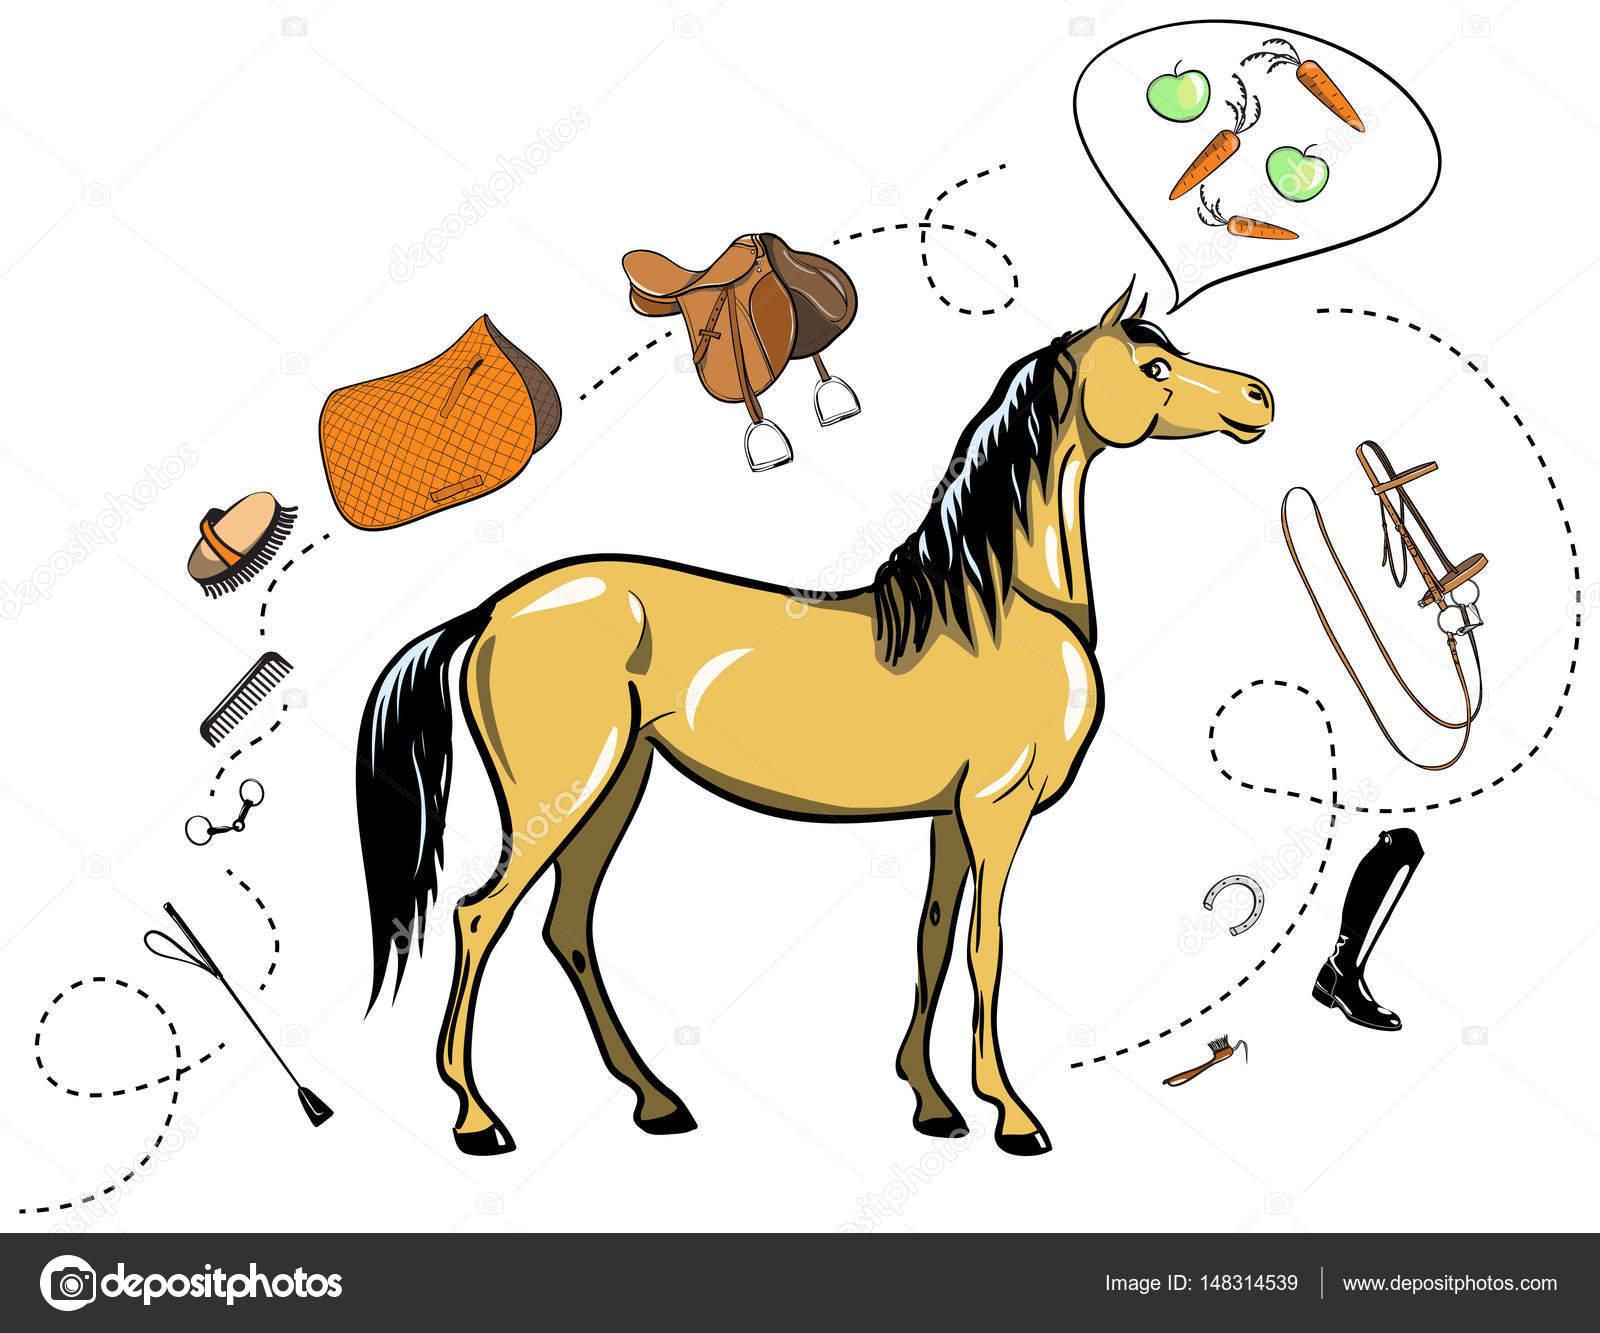 1600x1333 Horse And Horseback Riding Tack. Bridle, Saddle, Stirrup, Brush